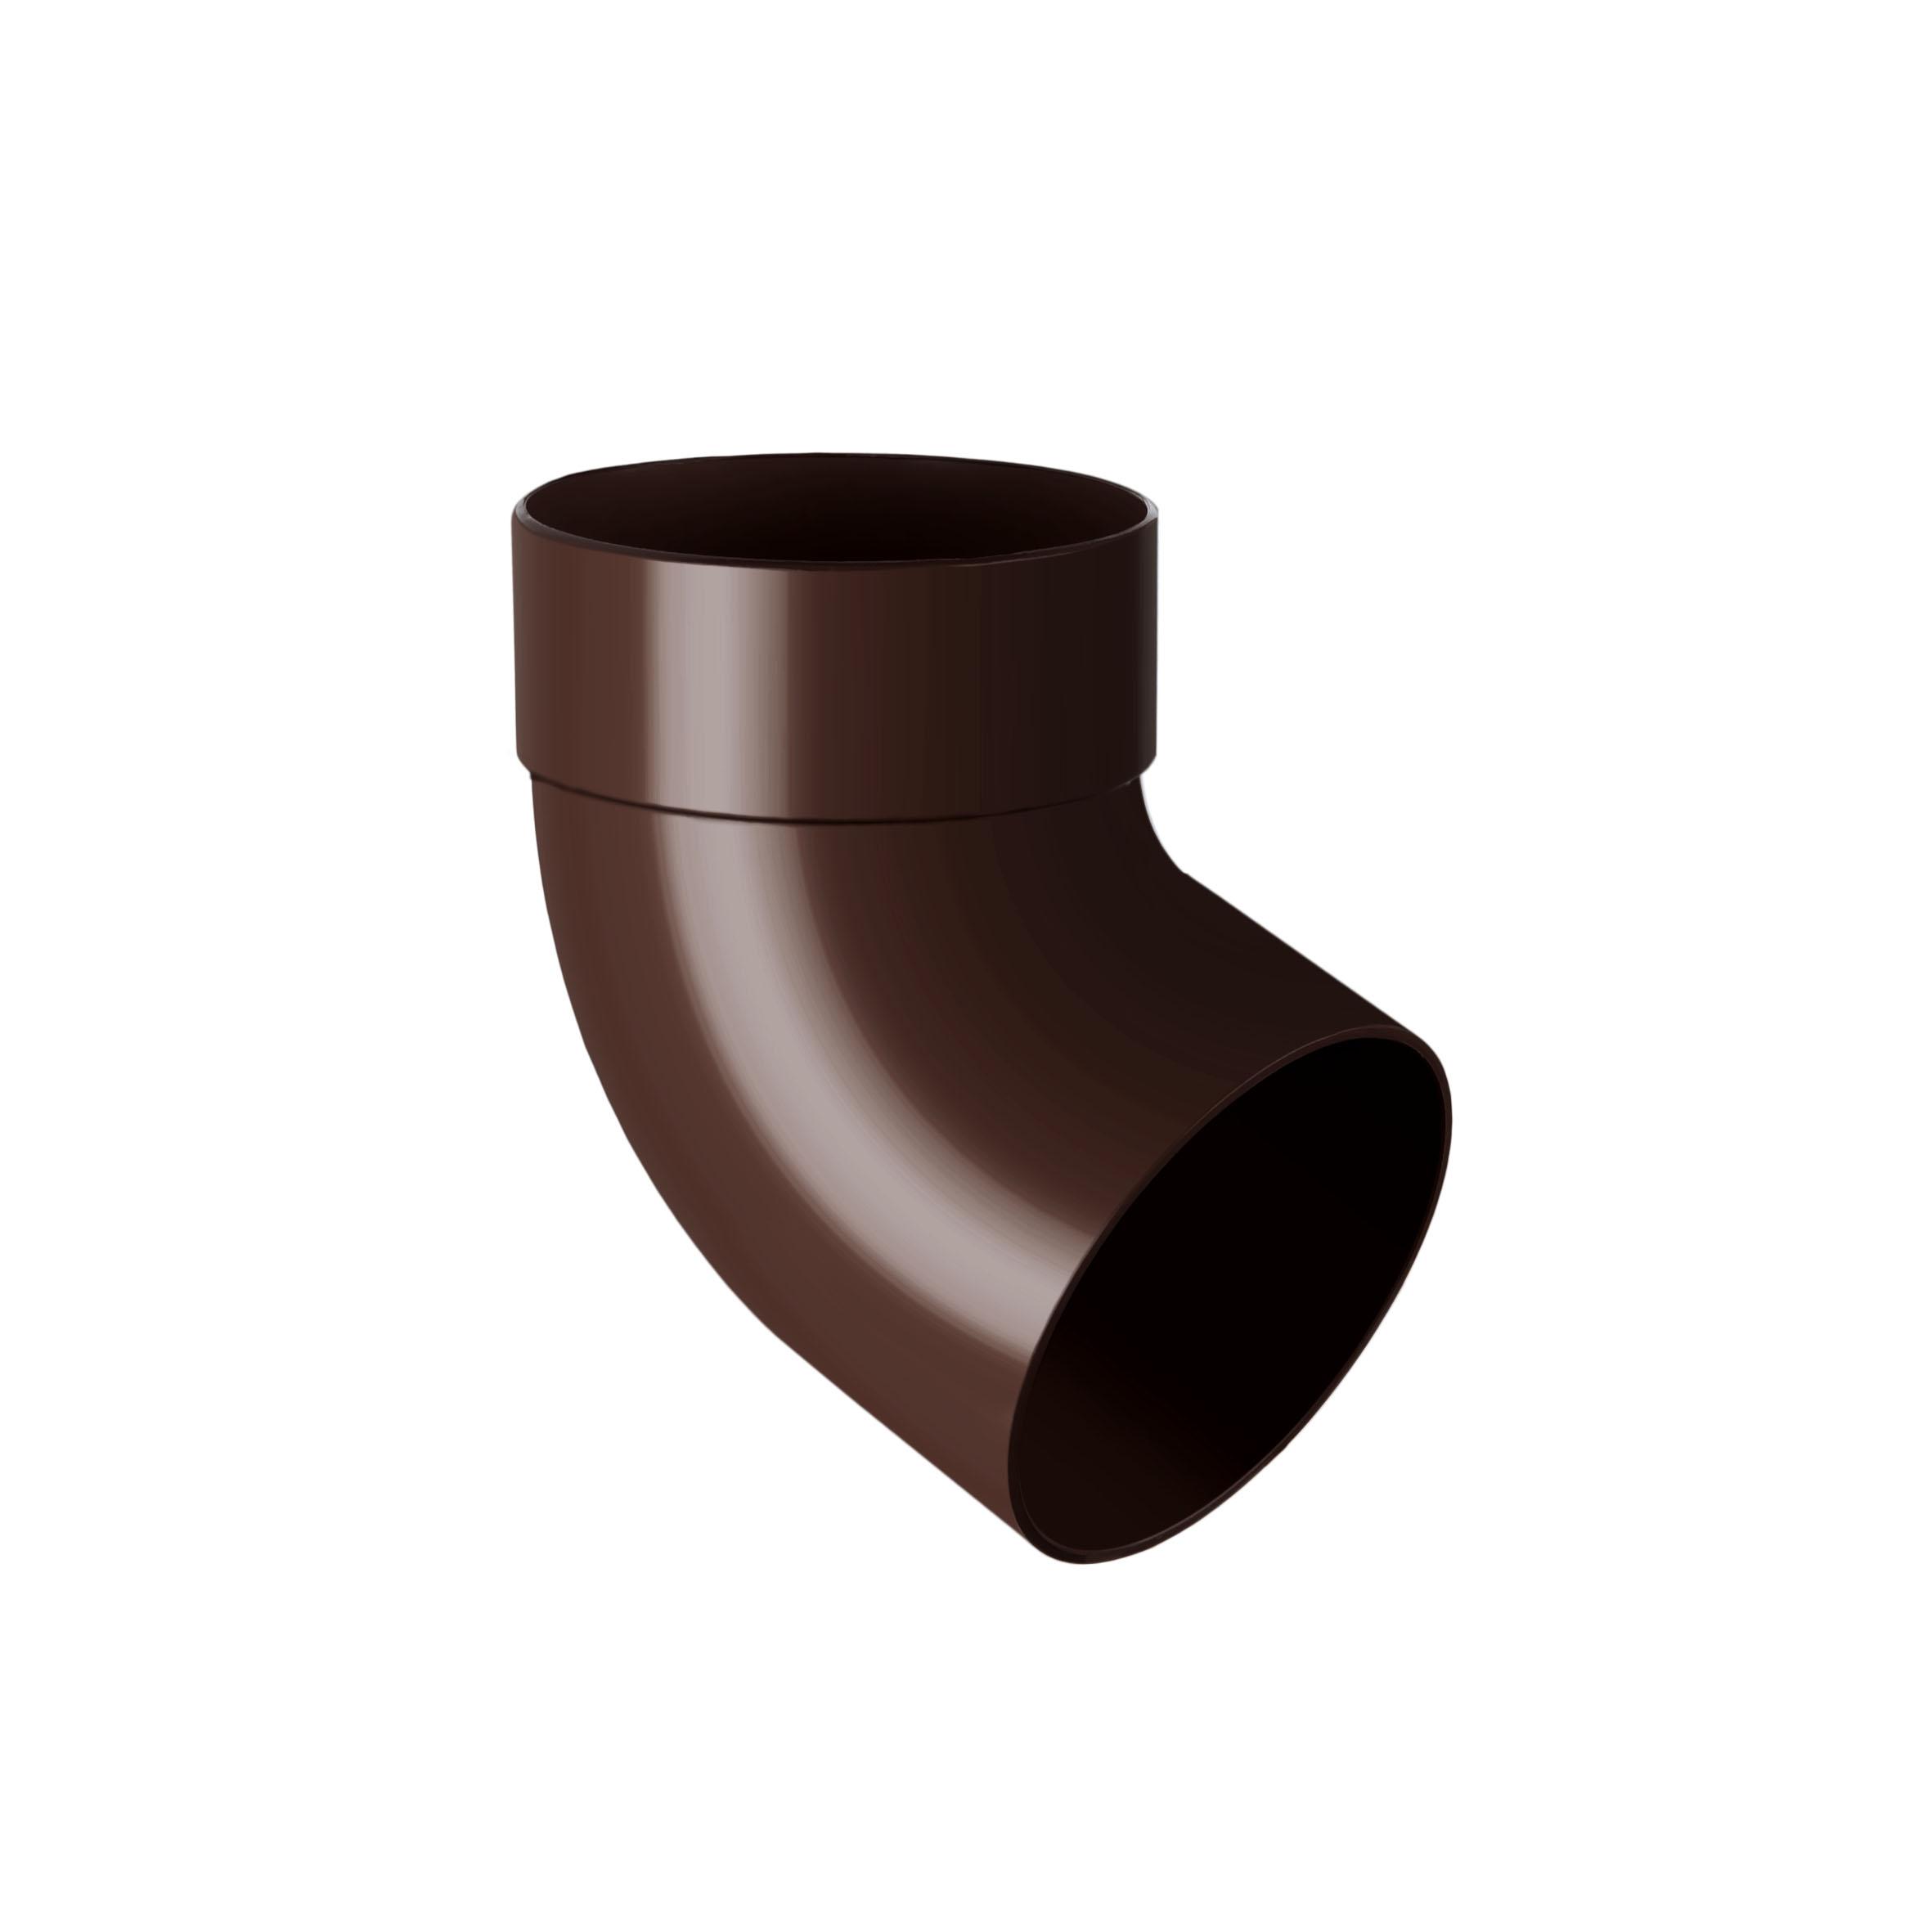 Відвід труби одномуфтовий 67°, коричневий 100мм/Ø RainWay